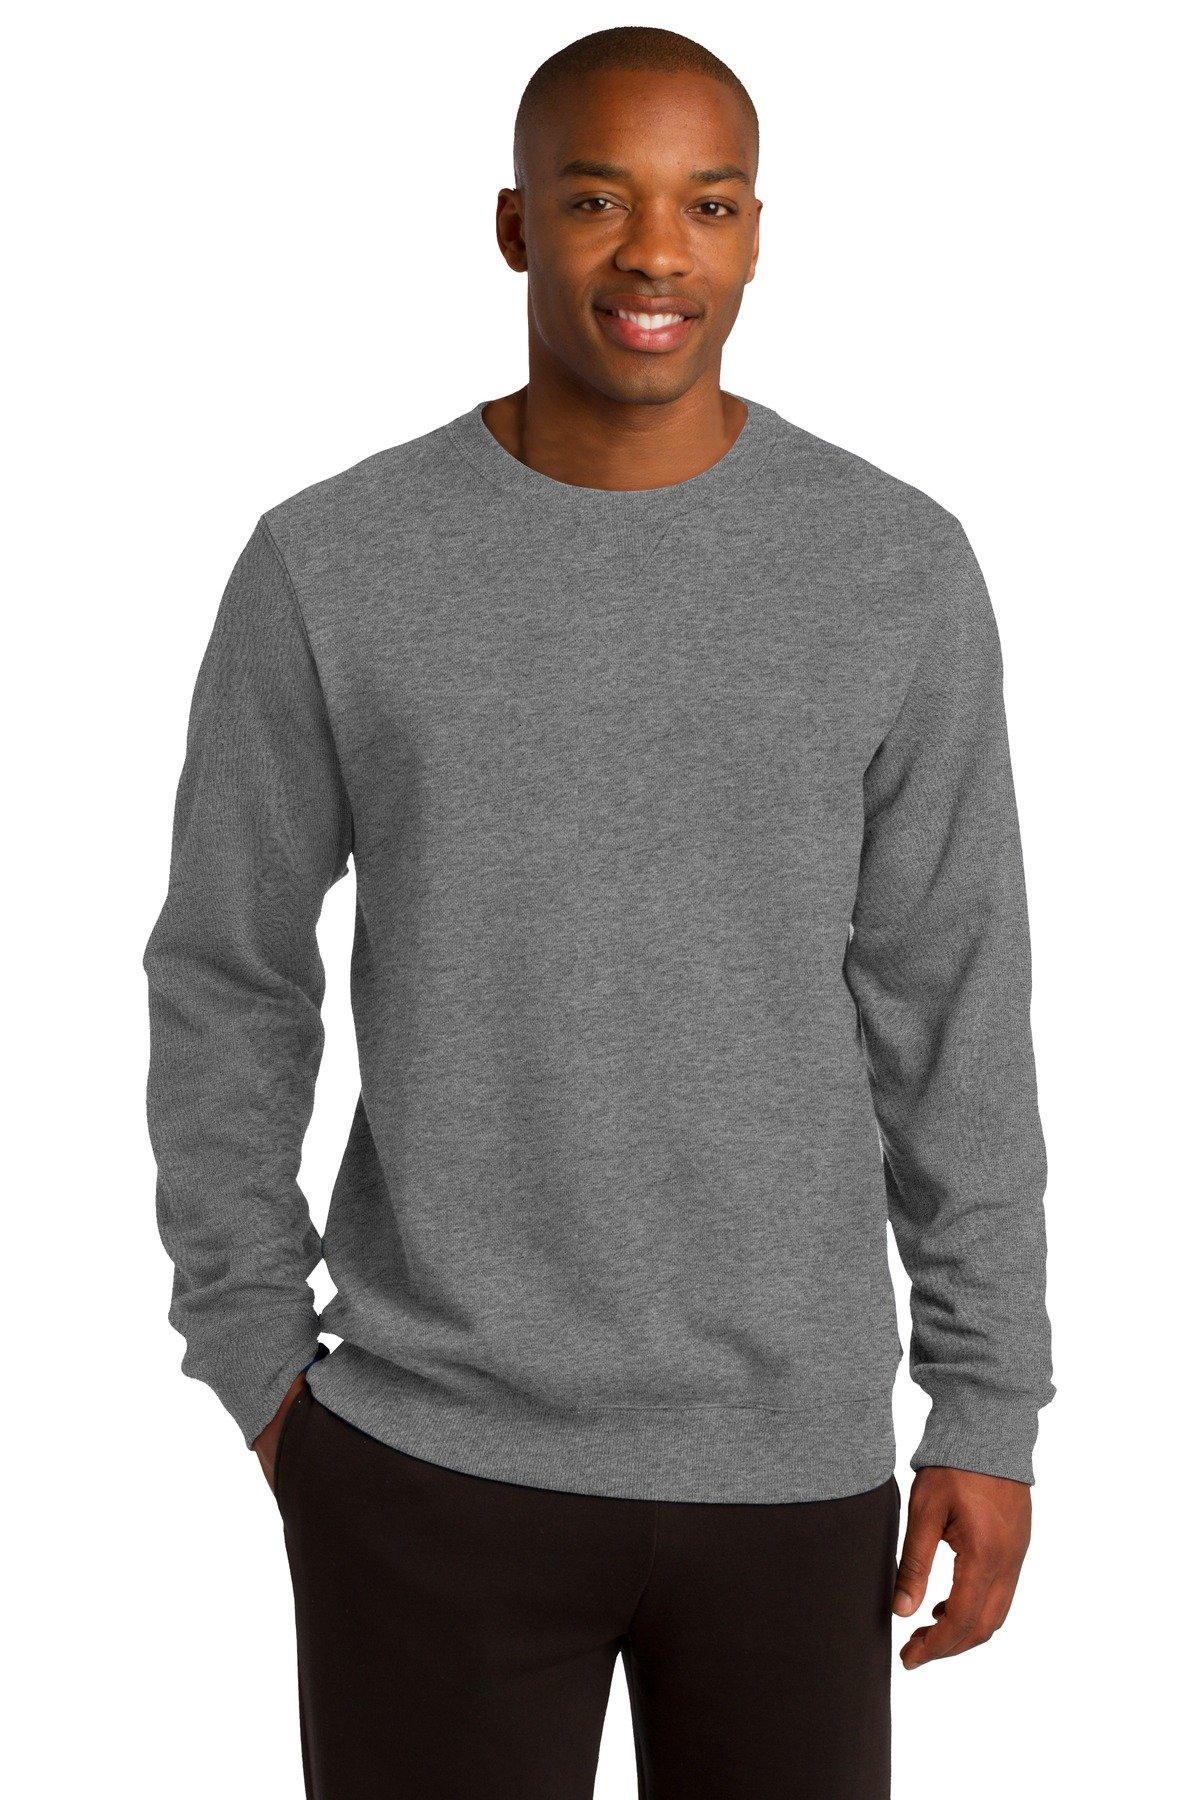 Sport-Tek Men's Crewneck Sweatshirt XL Vintage Heather by Sport-Tek